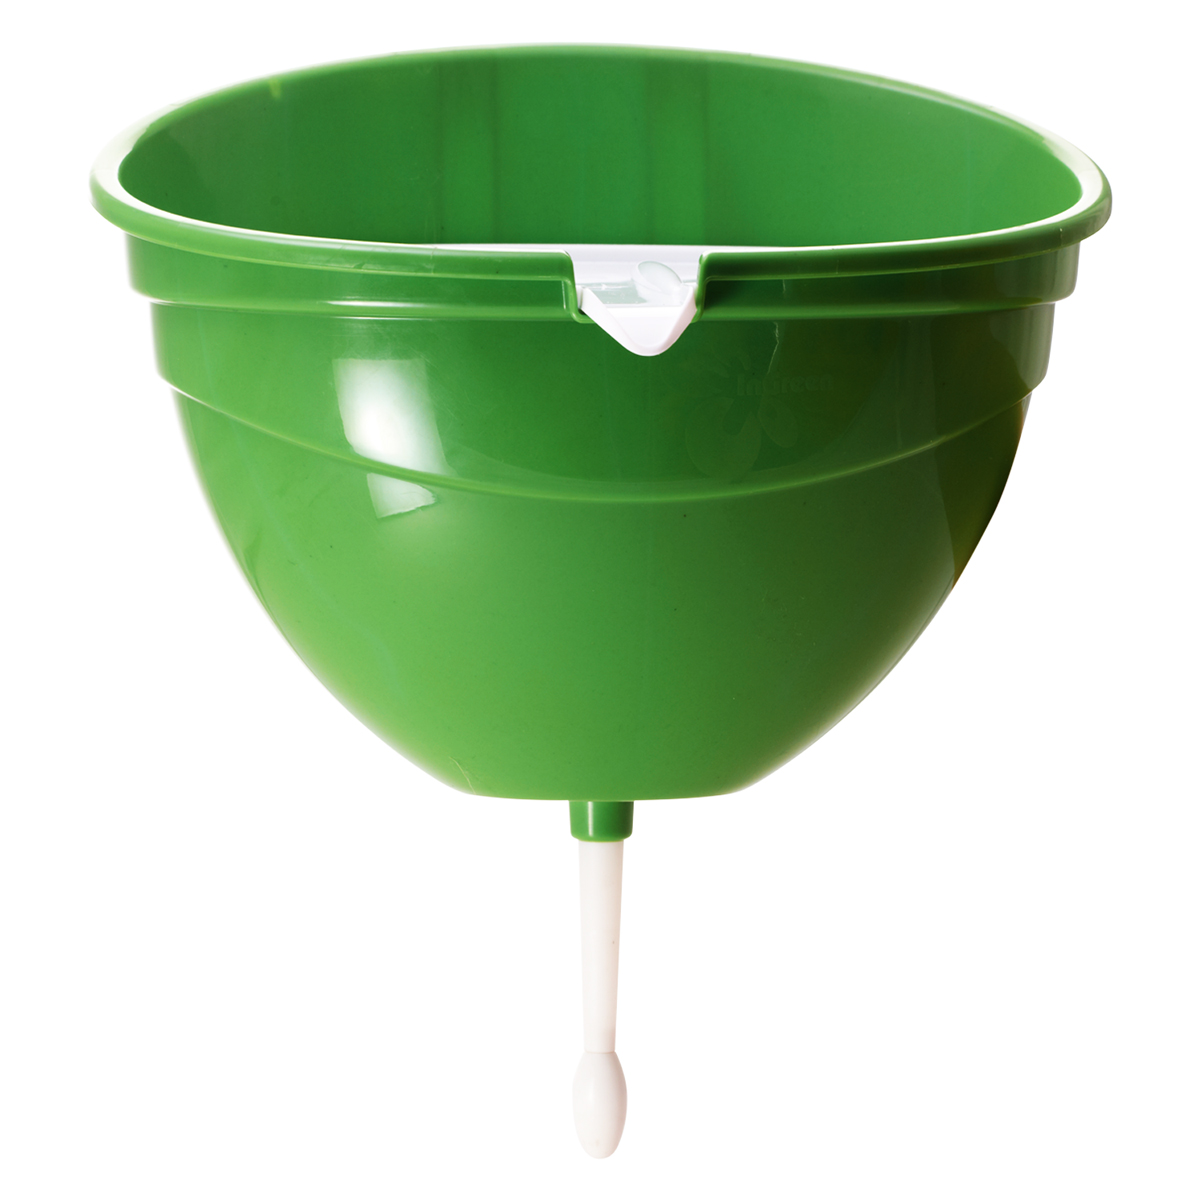 Рукомойник InGreen, цвет: салатовый, 4 л466188Современный и стильный рукомойник InGreen предназначен для дачи. Выполнен из высококачественного пластика и выдерживает отрицательные температуры (до -25 градусов), что позволяет ему спокойно пережидать зиму на улице. Крышка рукомойника расположена под небольшим углом и имеет специальный носик для слива дождевой воды, а также рифленую поверхность для удобного расположения мыла. Затвор плотно прилегает ко дну рукомойника, что предотвращает протекания воды.Размер рукомойника: 31,5 х 24,5 х 37 см.Объем рукомойника: 4 л.